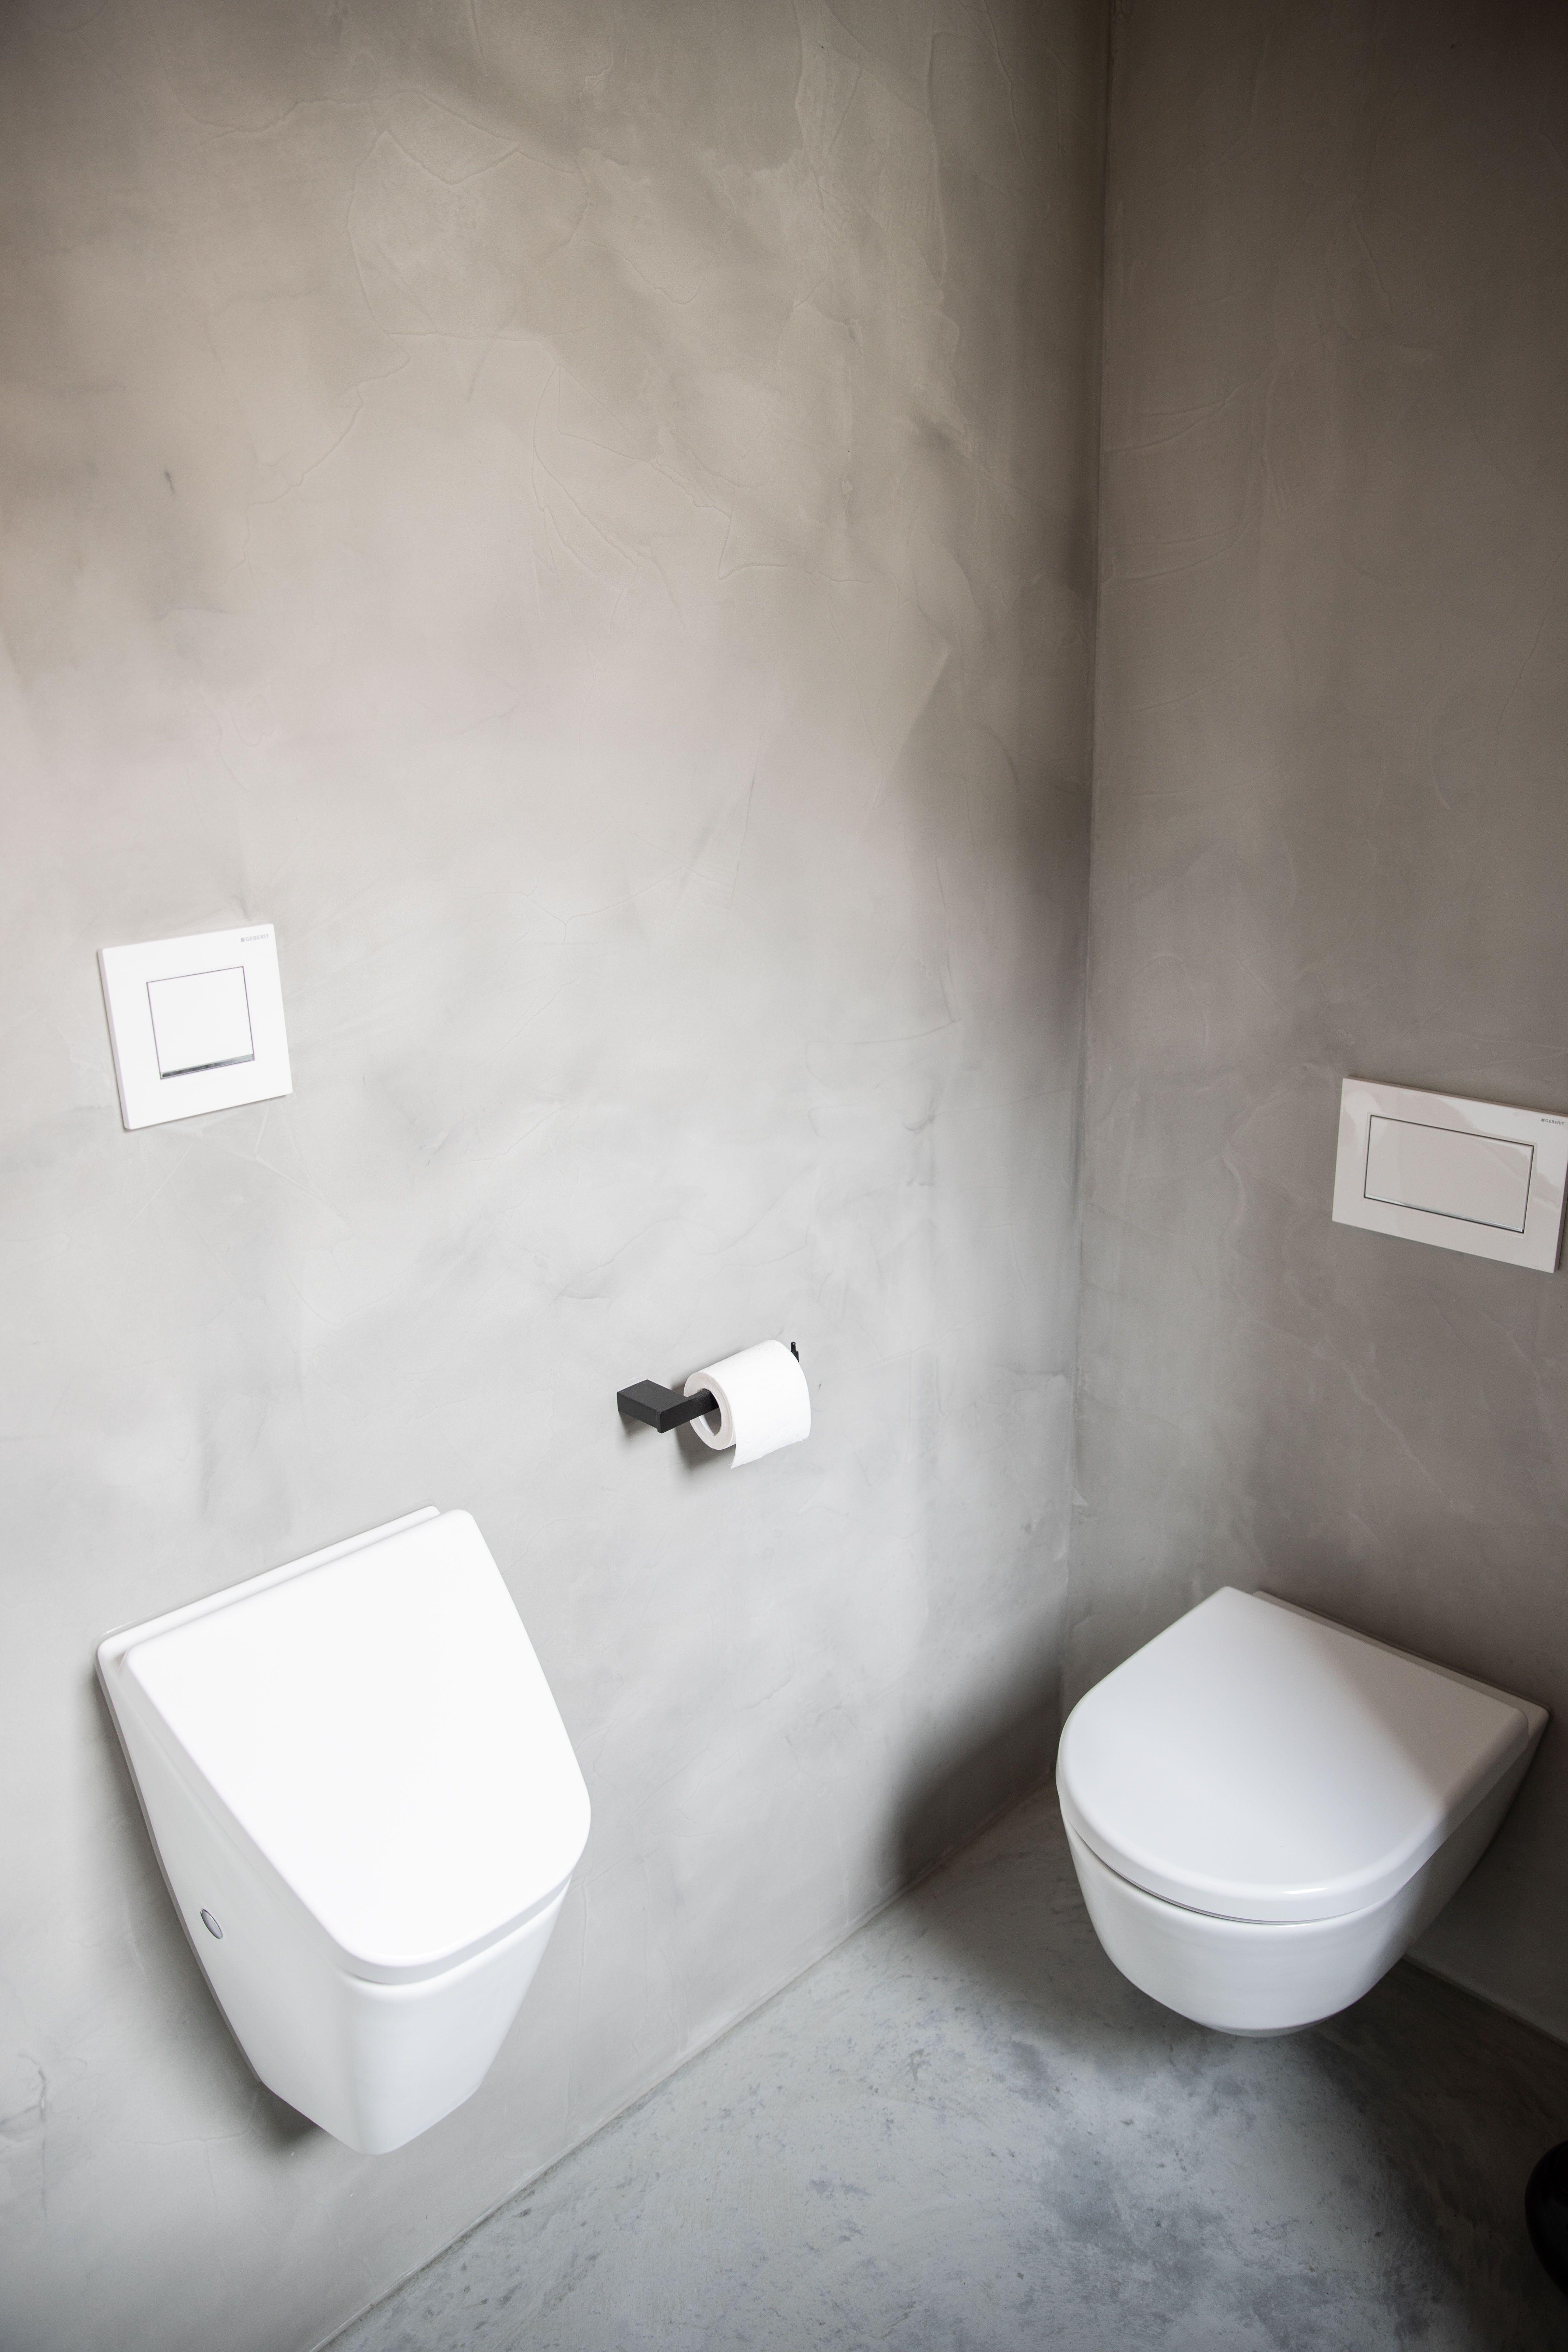 Pandomo Wall Bader Ohne Fliesen Und Fugen Designboden Bad Badezimmer Toilette Badezimmer Toilette Badezimmer Beton Badezimmer